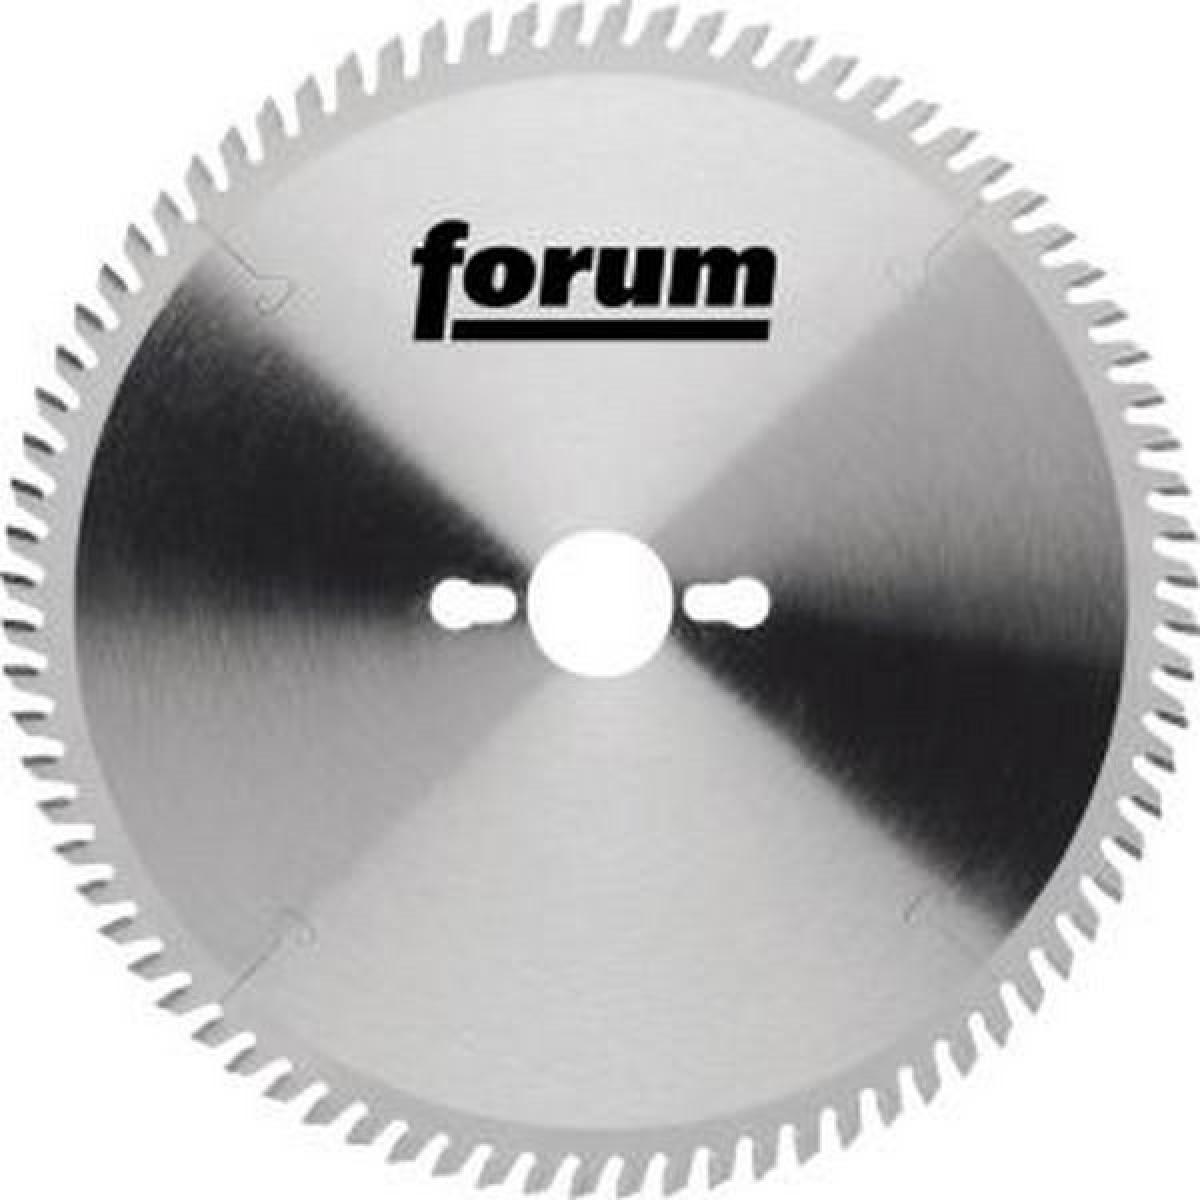 Forum Lame de scie circulaire, Ø : 250 mm, Larg. : 3,2 mm, Alésage 30 mm, Perçages secondaires : -, Dents : 42